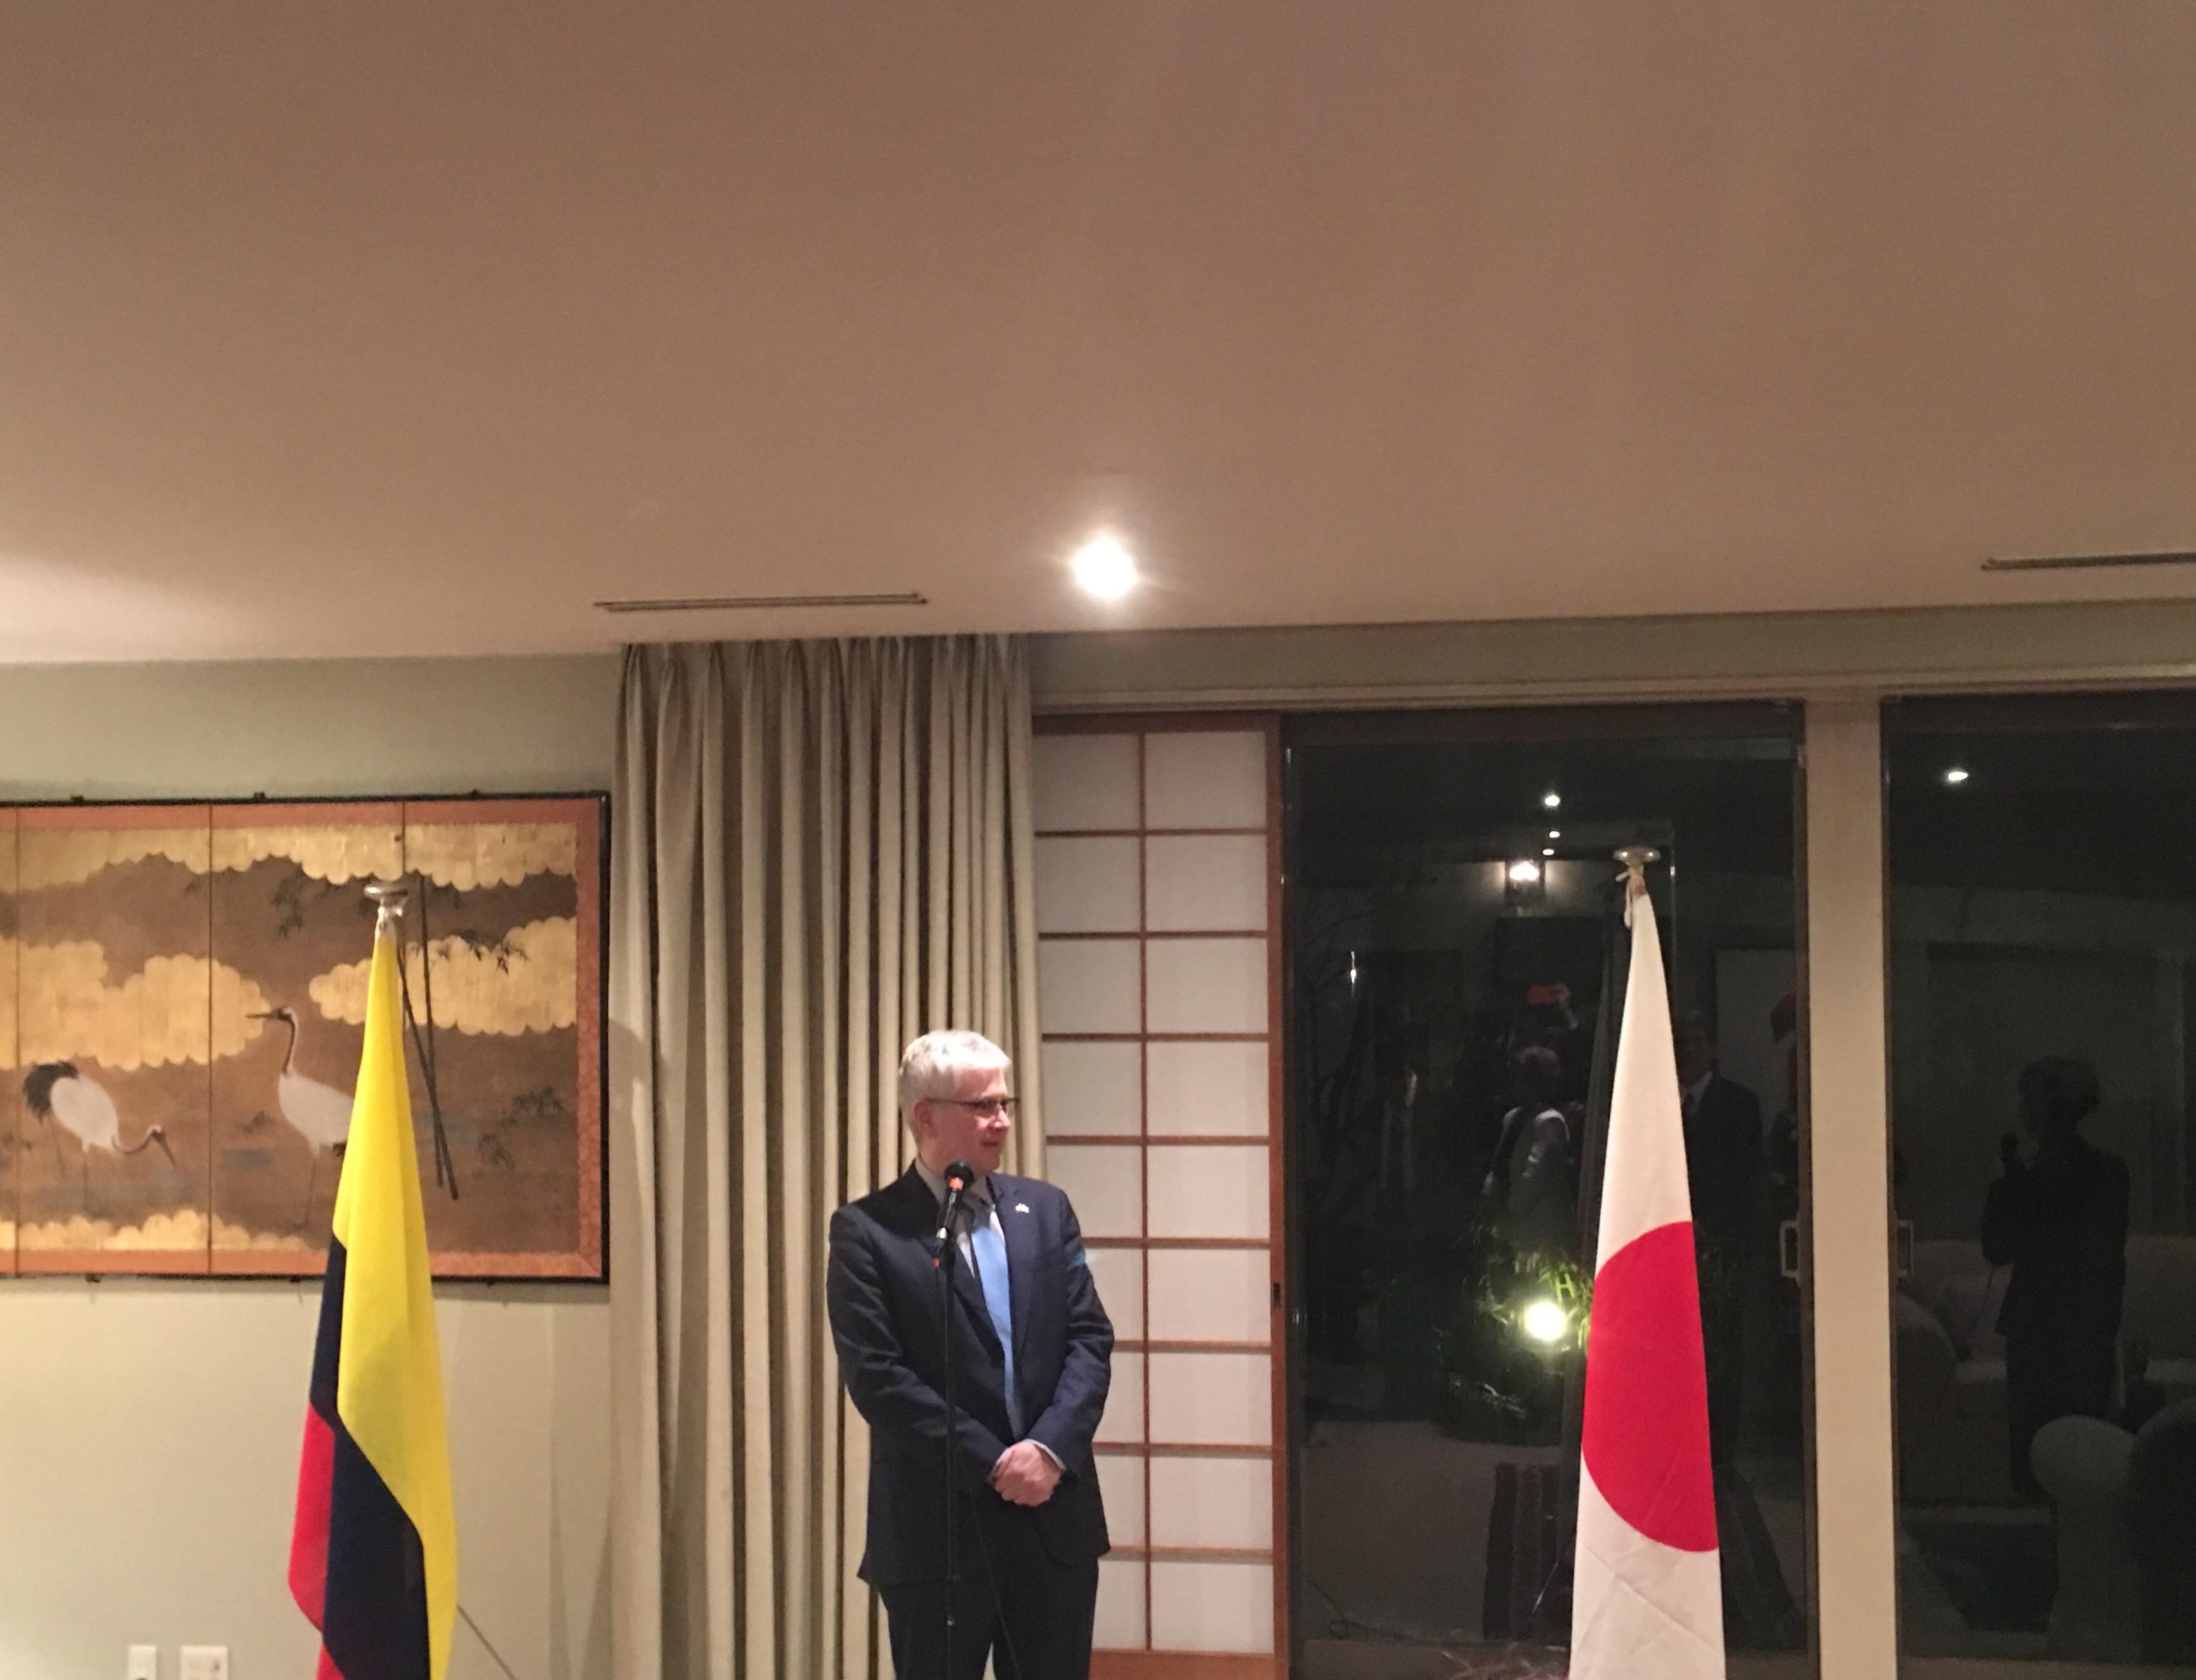 駐日コロンビア大使館主催新年会に出席  (Fiesta de Año Nuevo por la Embajada Colombiana en Tokio)